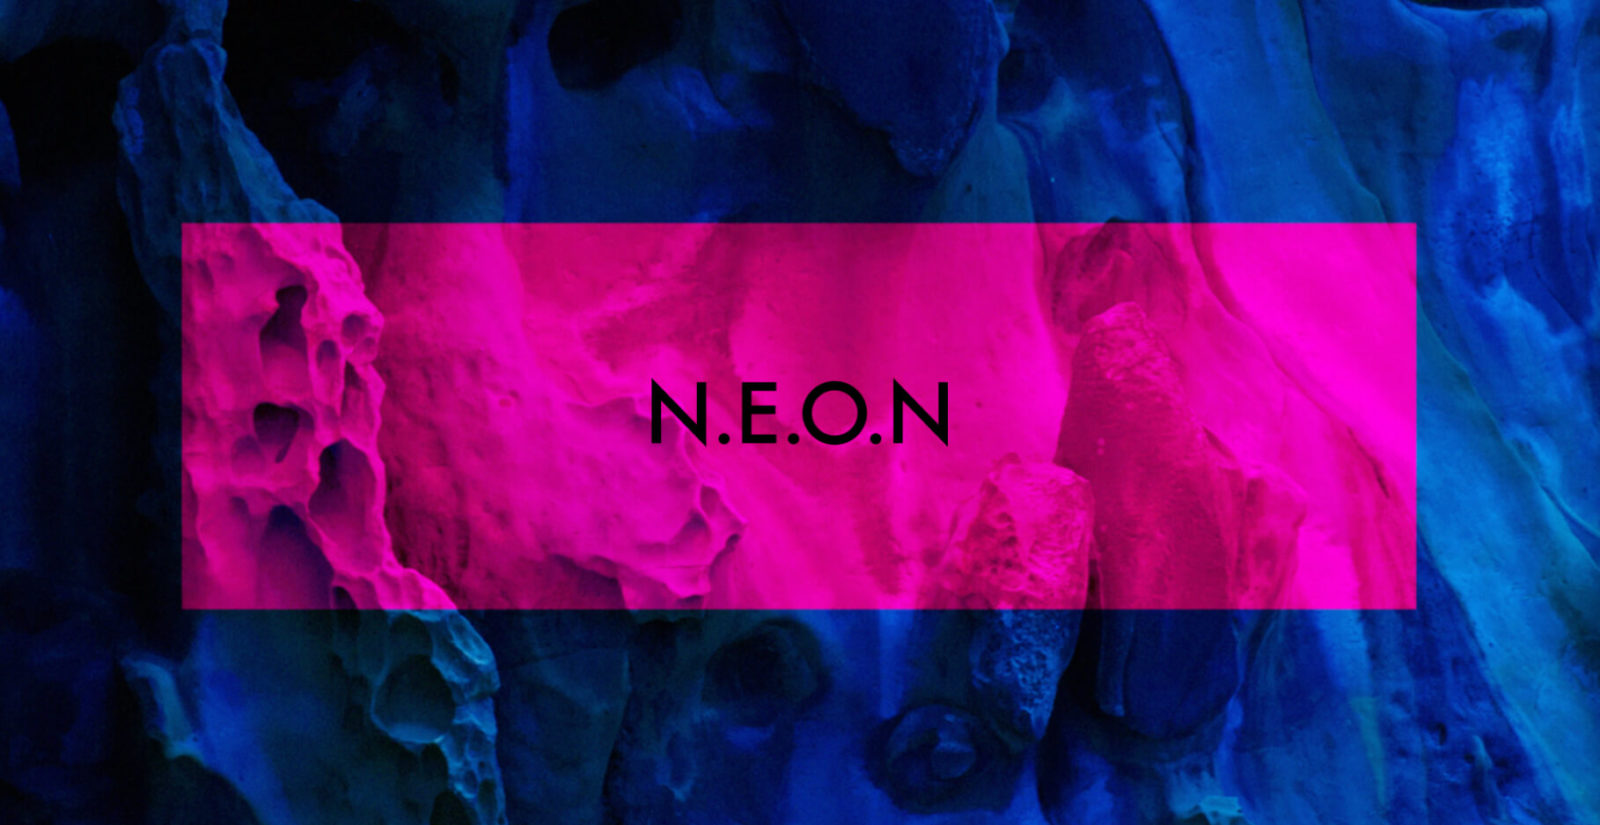 新時代アジアンコミニュティによるカルチャープロジェクトレーベル「N.E.O.N」が本格始動!今春より30ヶ月連続リリースも決定サムネイル画像